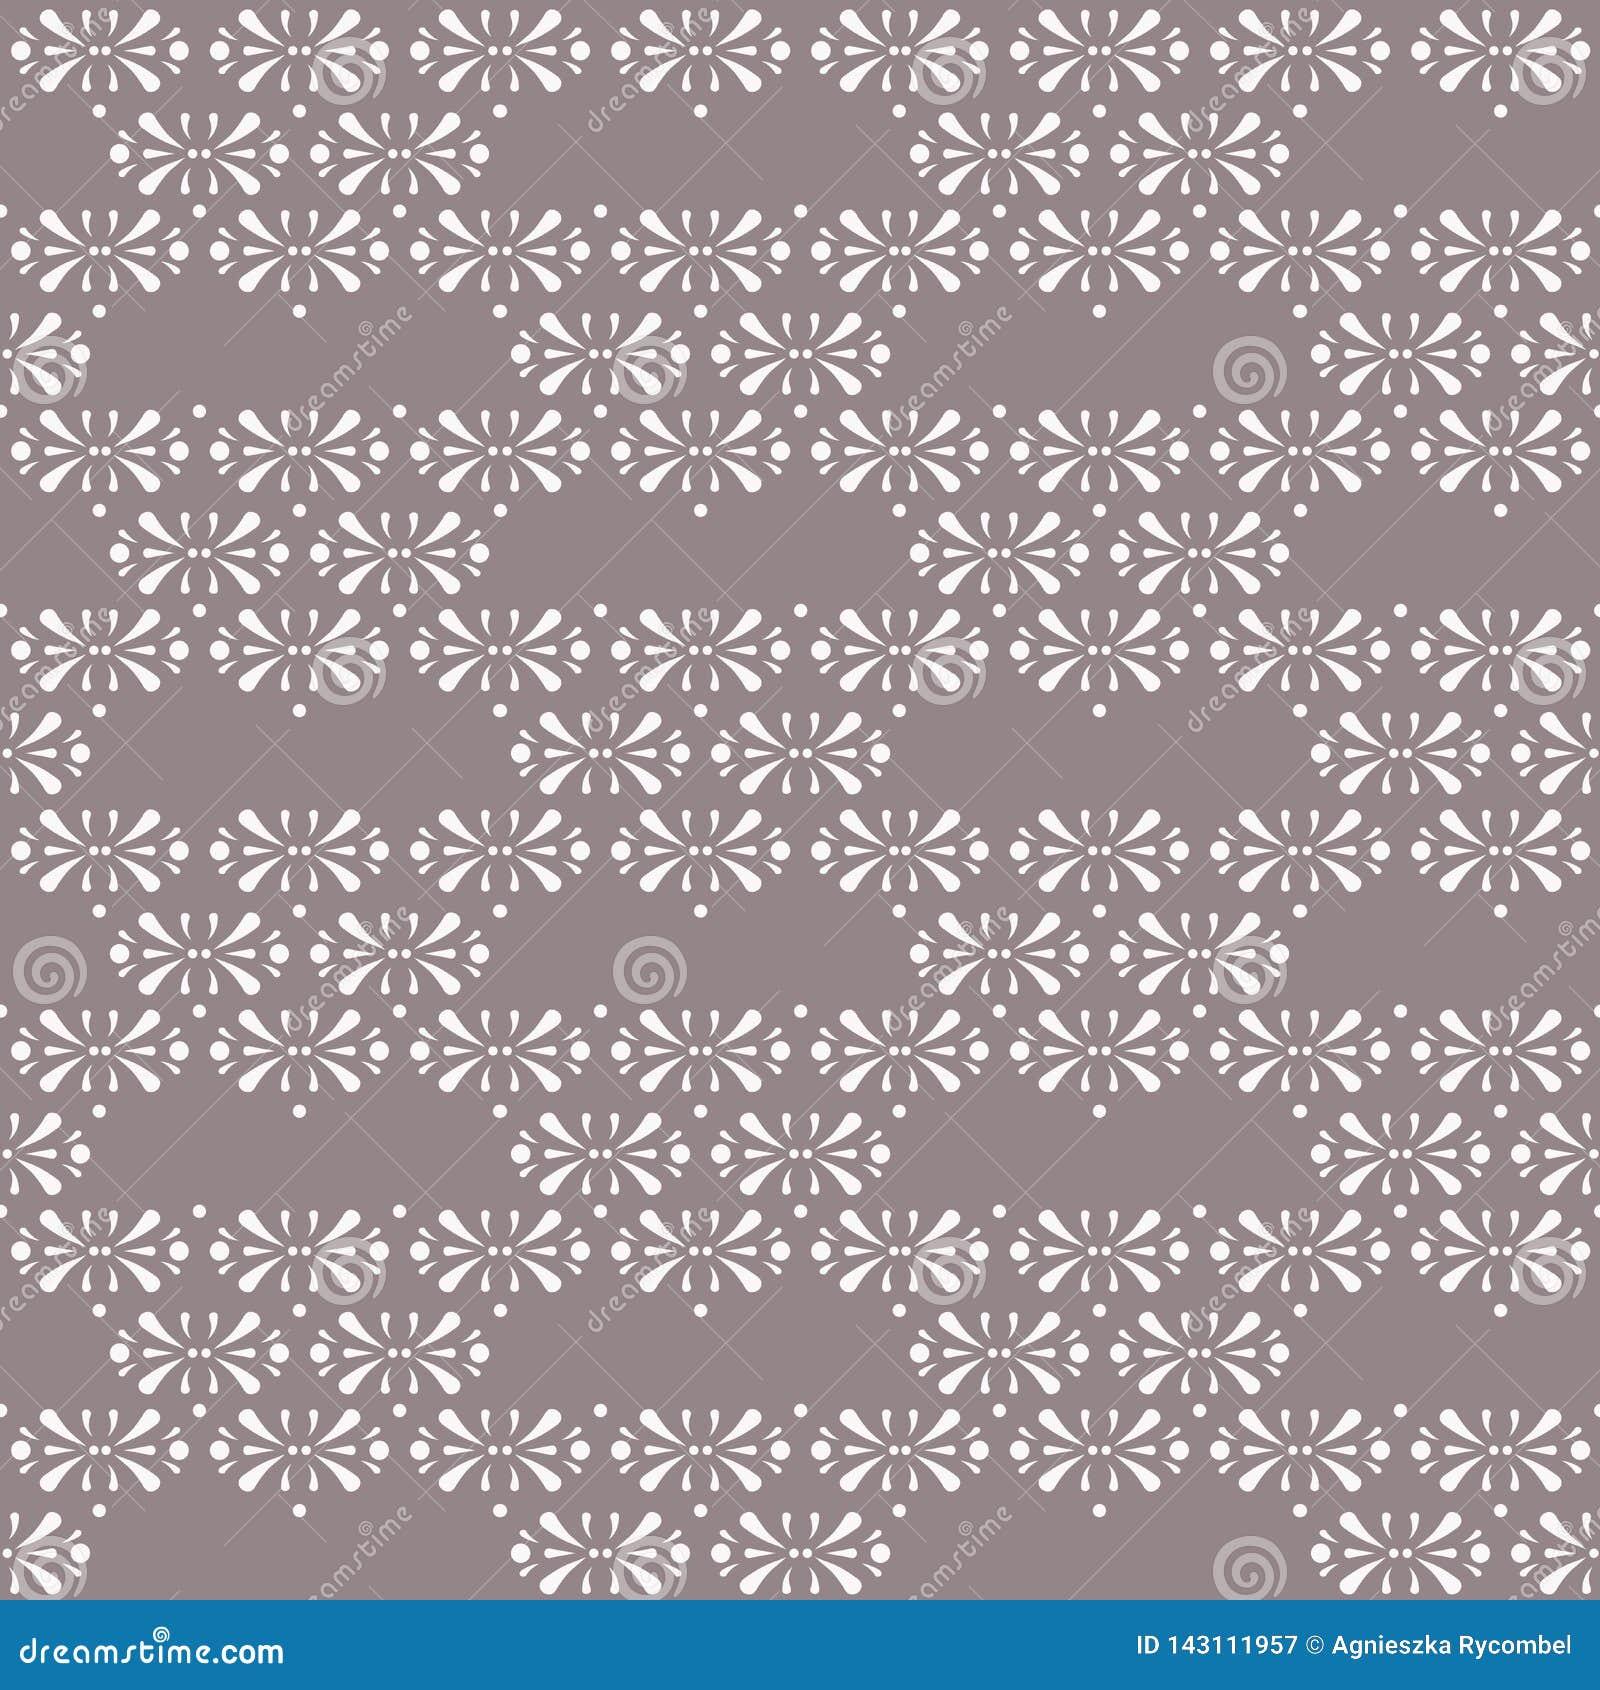 Vektor-Blumendreiecke auf nahtlosem Musterhintergrund Kakao-Browns